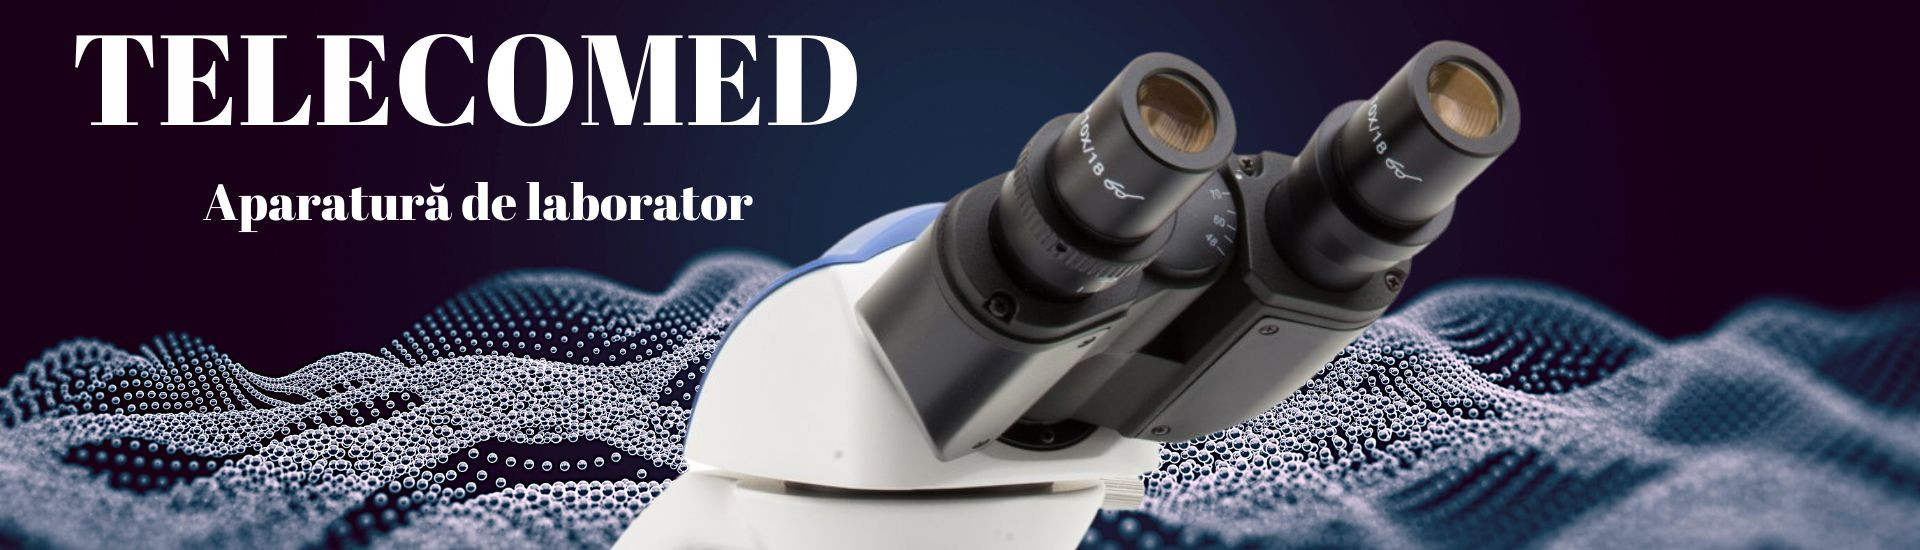 microscopic.ro aparatura de laborator Telecomed